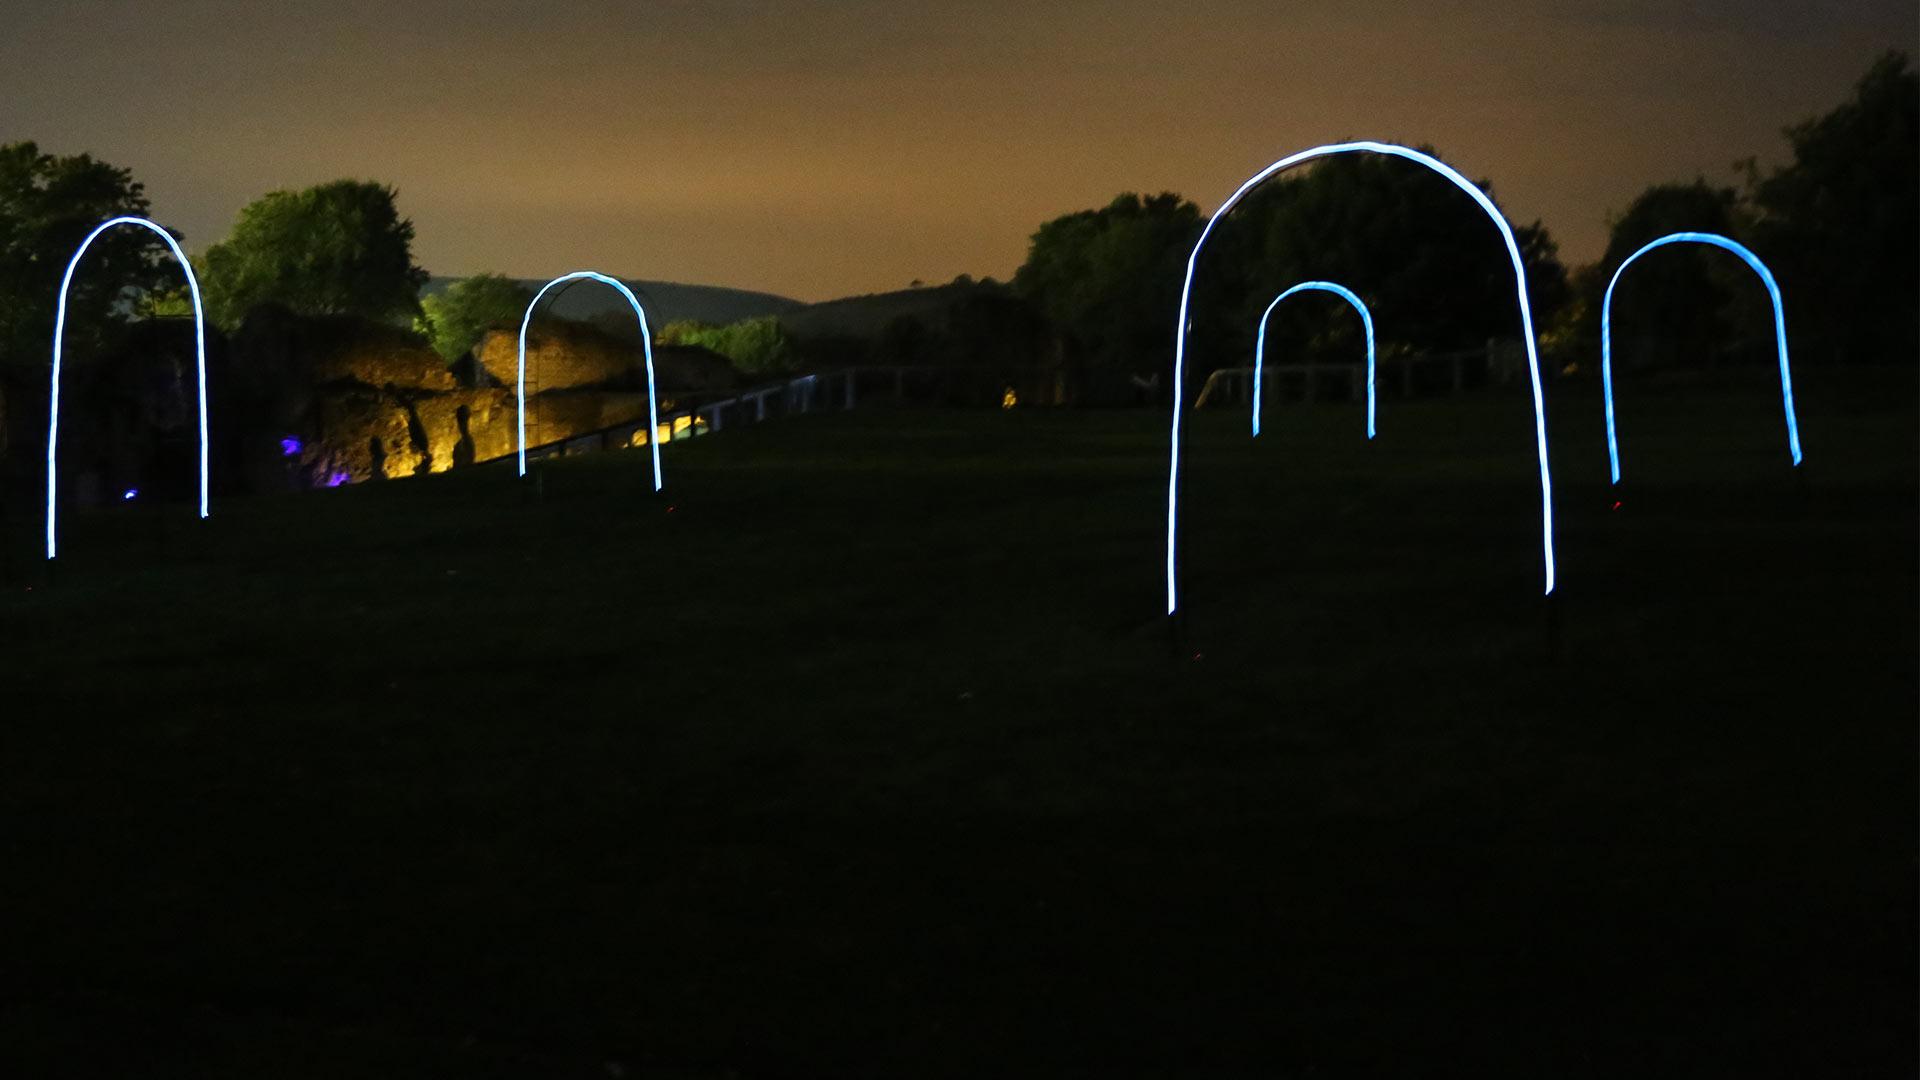 Illuminated Hoops Landscape Ruins LewesLight 2016 Nulty